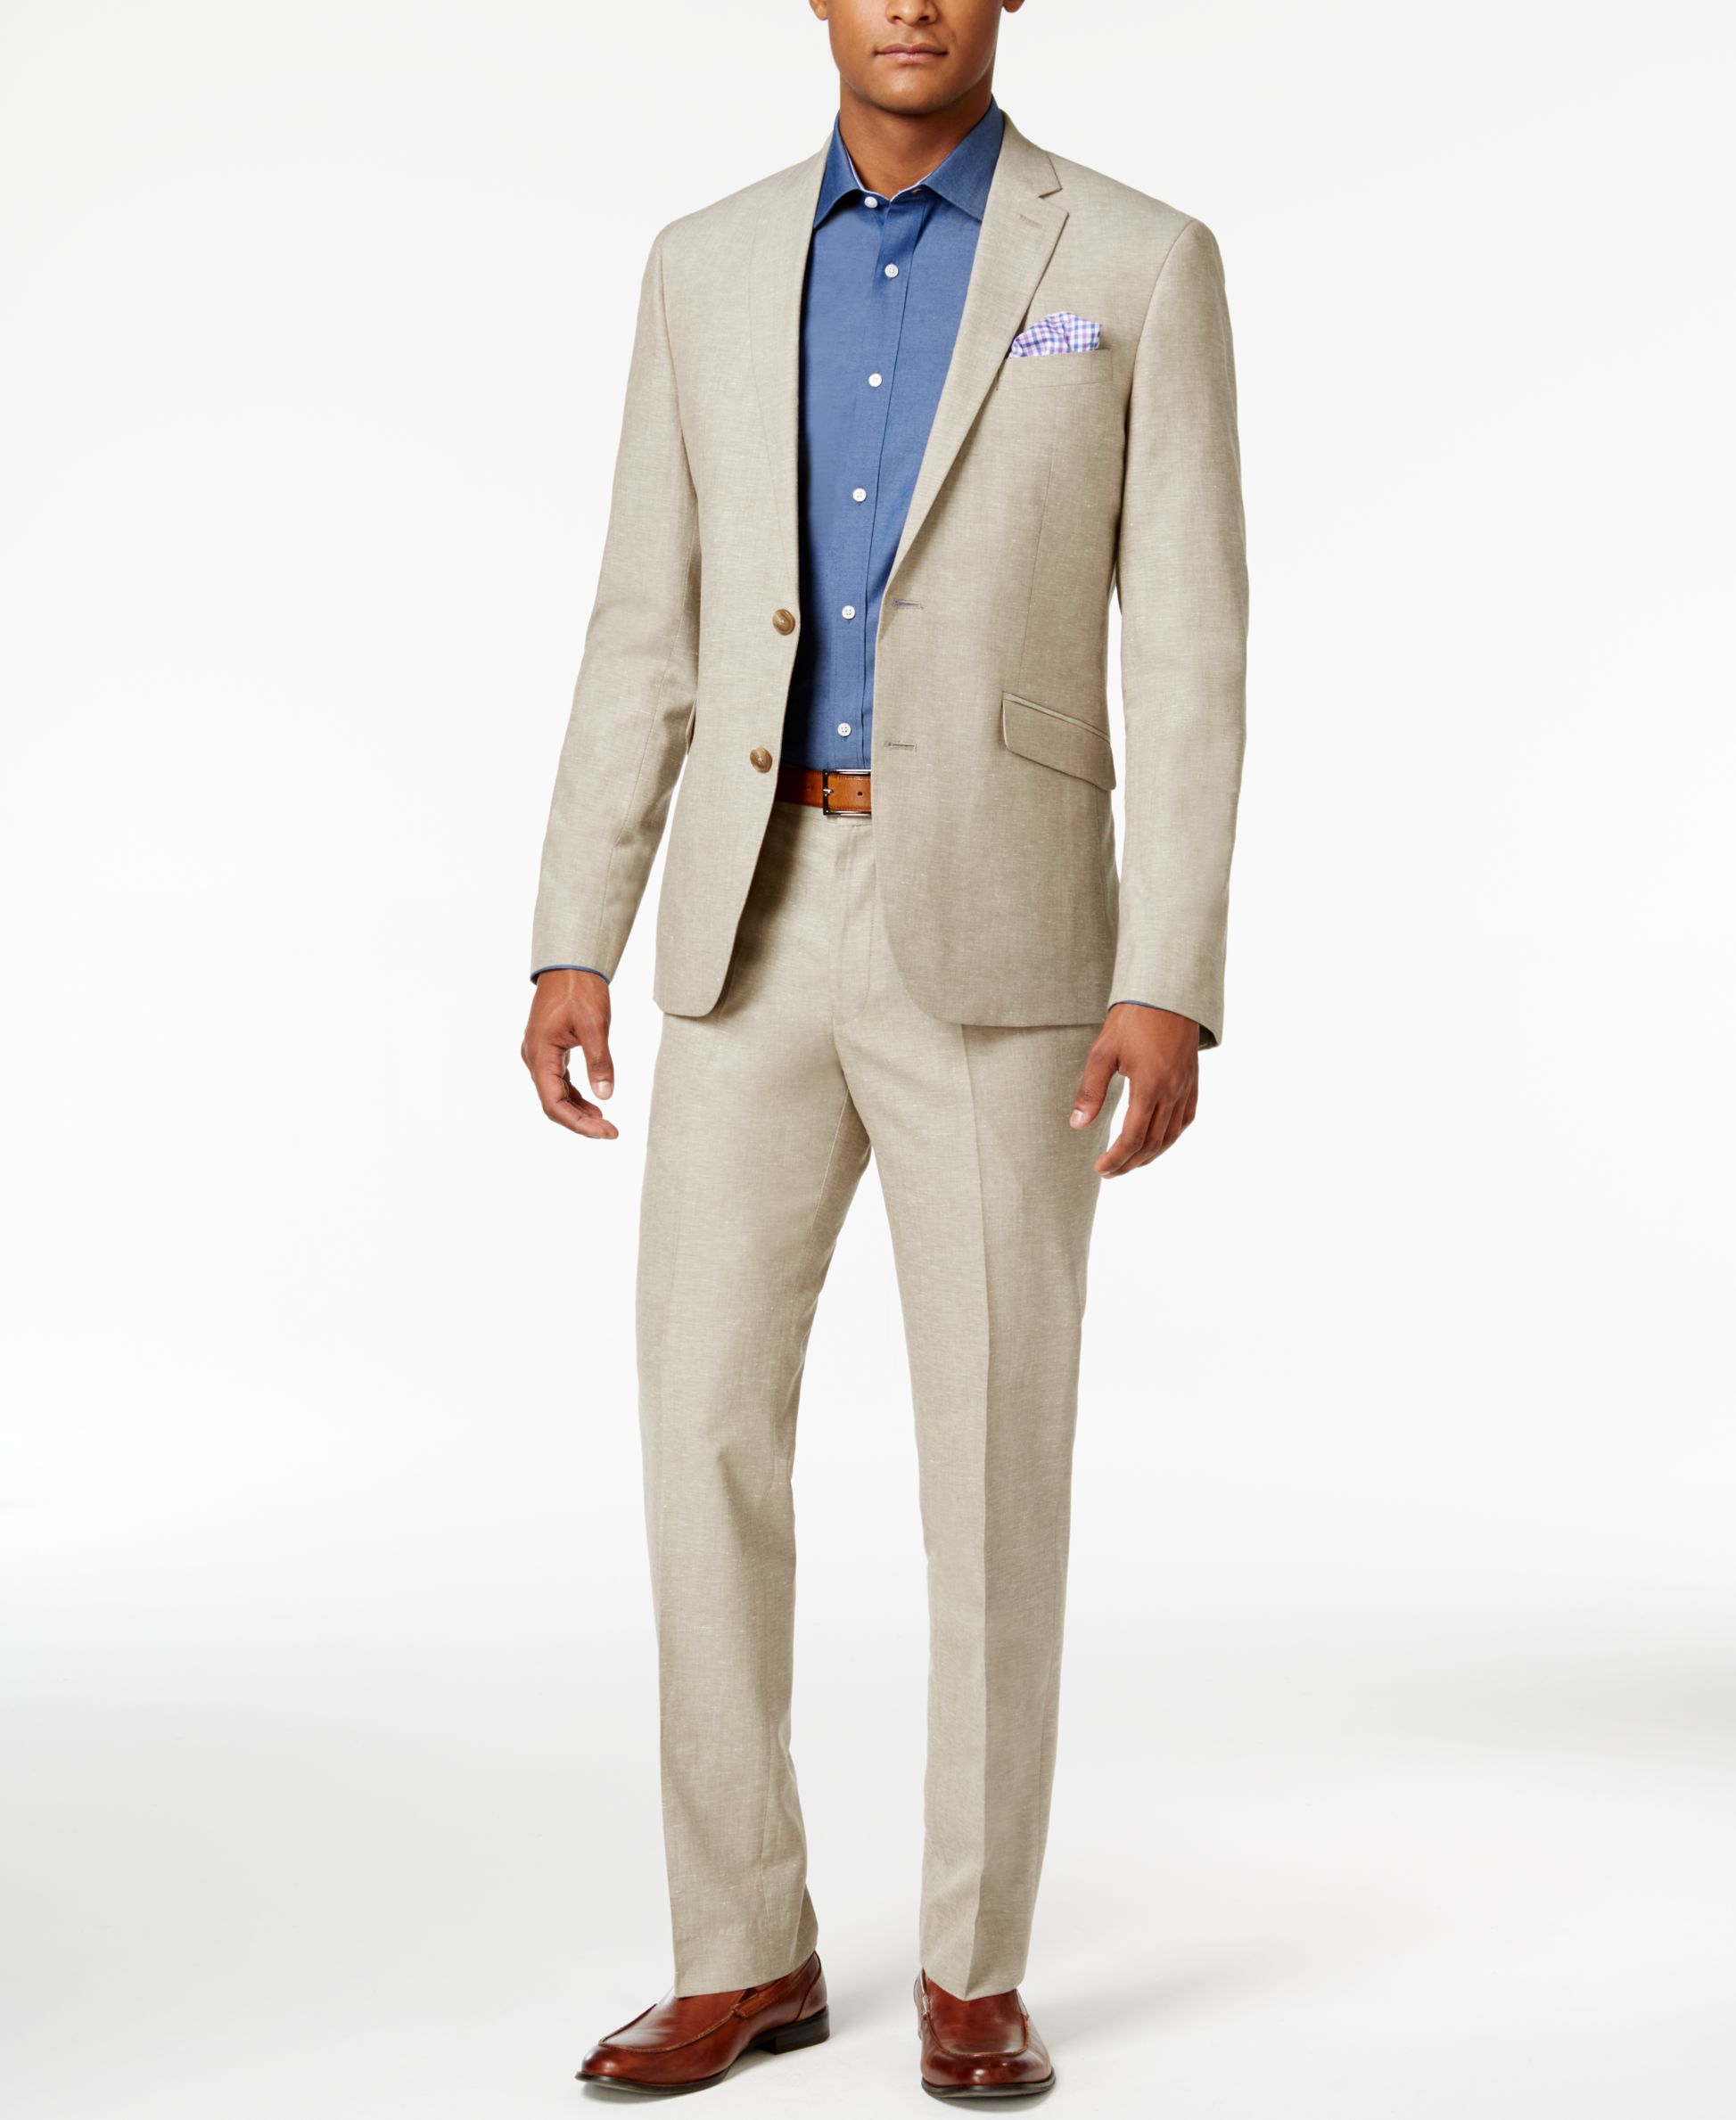 5c8c34b408 Kenneth Cole Reaction Men s Slim-Fit Tan Neat Suit